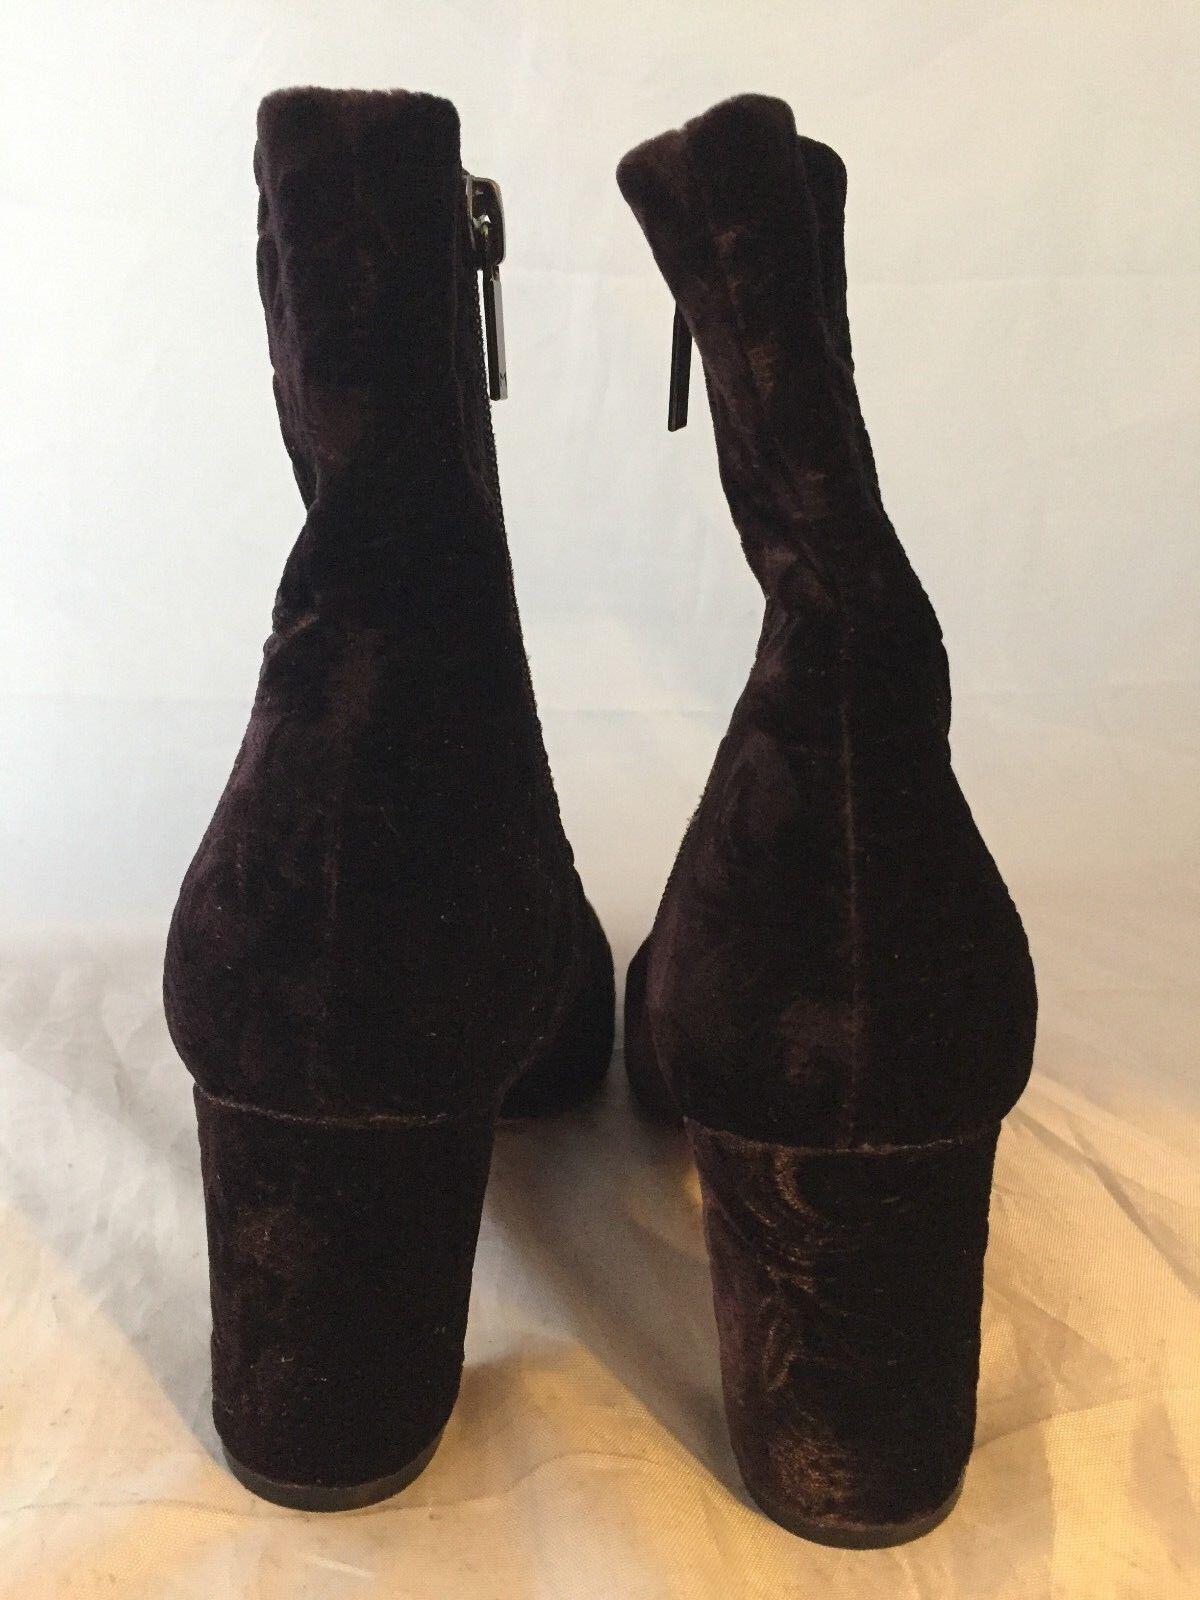 NEU Marc Fisher LTD Grazi Ankle Bootie, Dark Purple Velvet, Damens Größe 5.5, 225